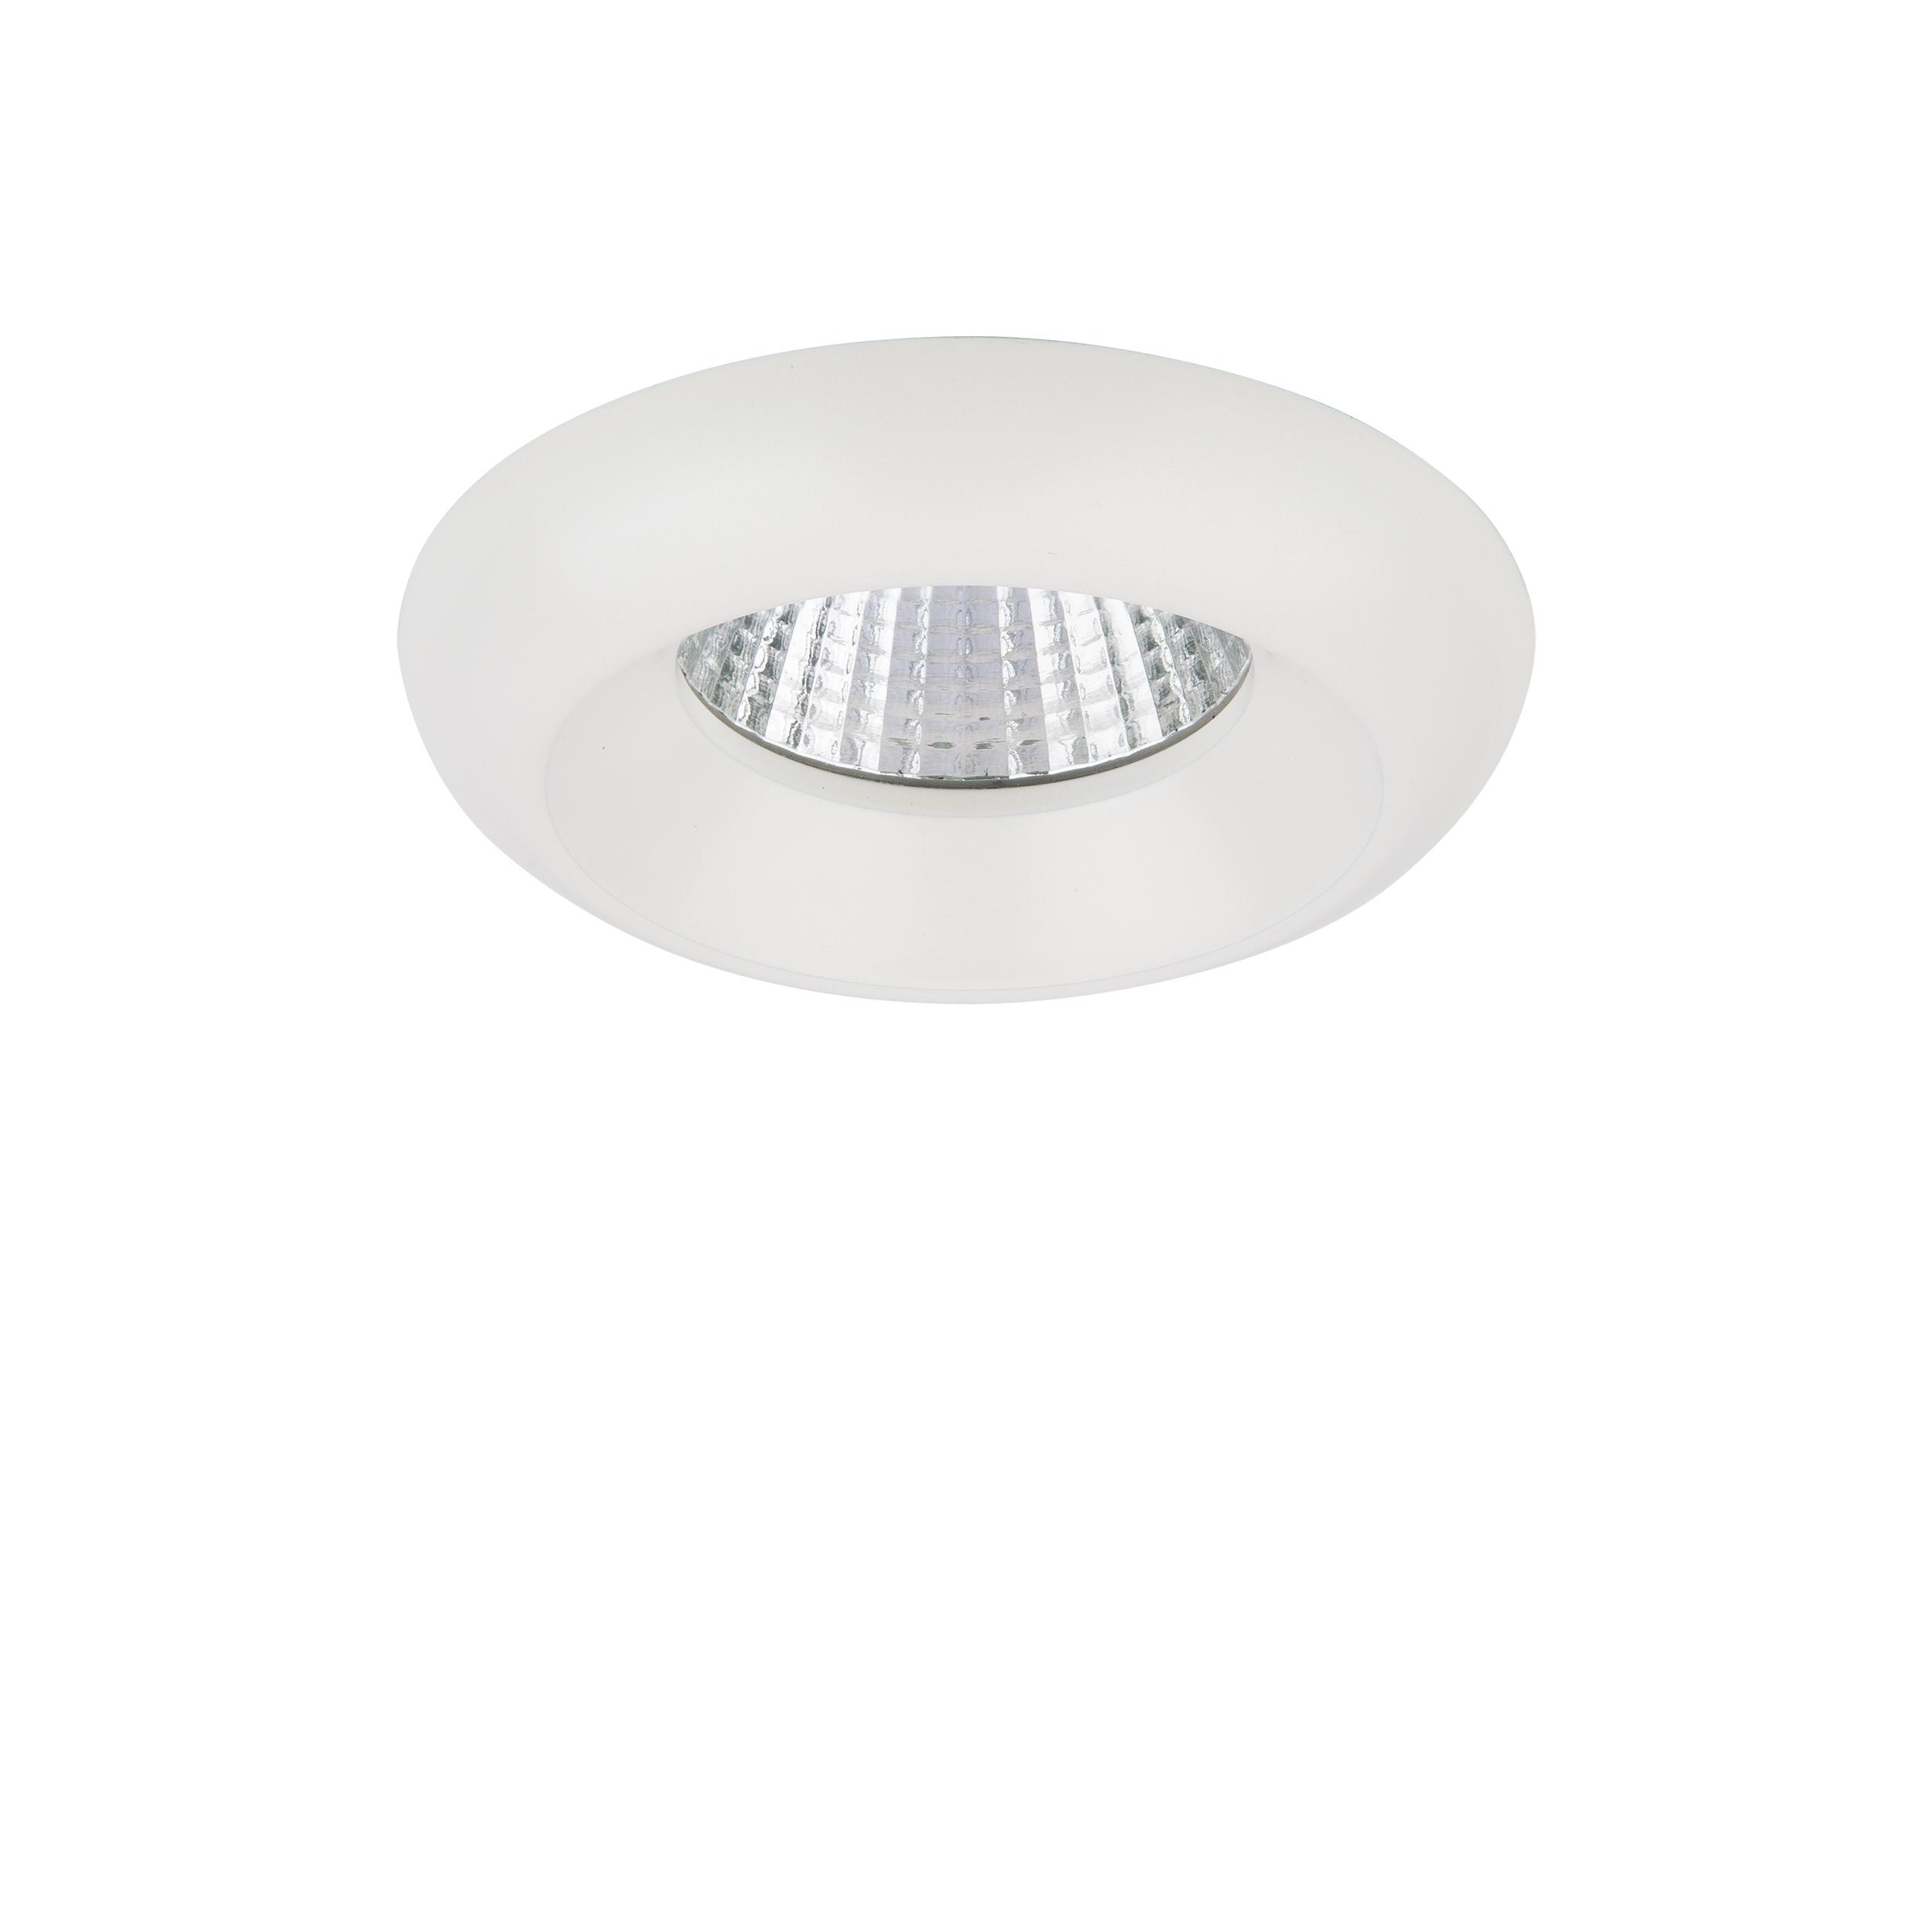 Встраиваемый светодиодный светильник Lightstar Monde 071076, IP44, LED 7W 3000K 560lm, белый, металл - фото 1